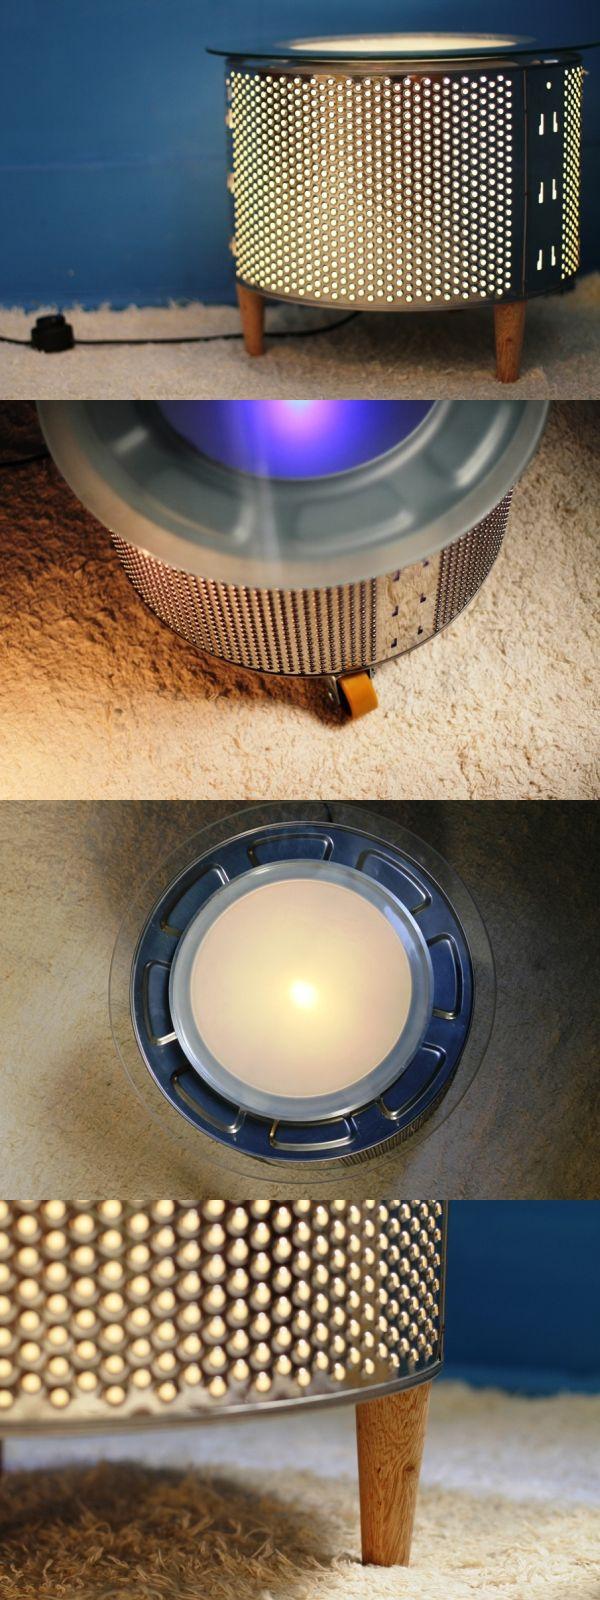 Algunas formas de reciclar el tambor de una lavadora / mesa JOUR